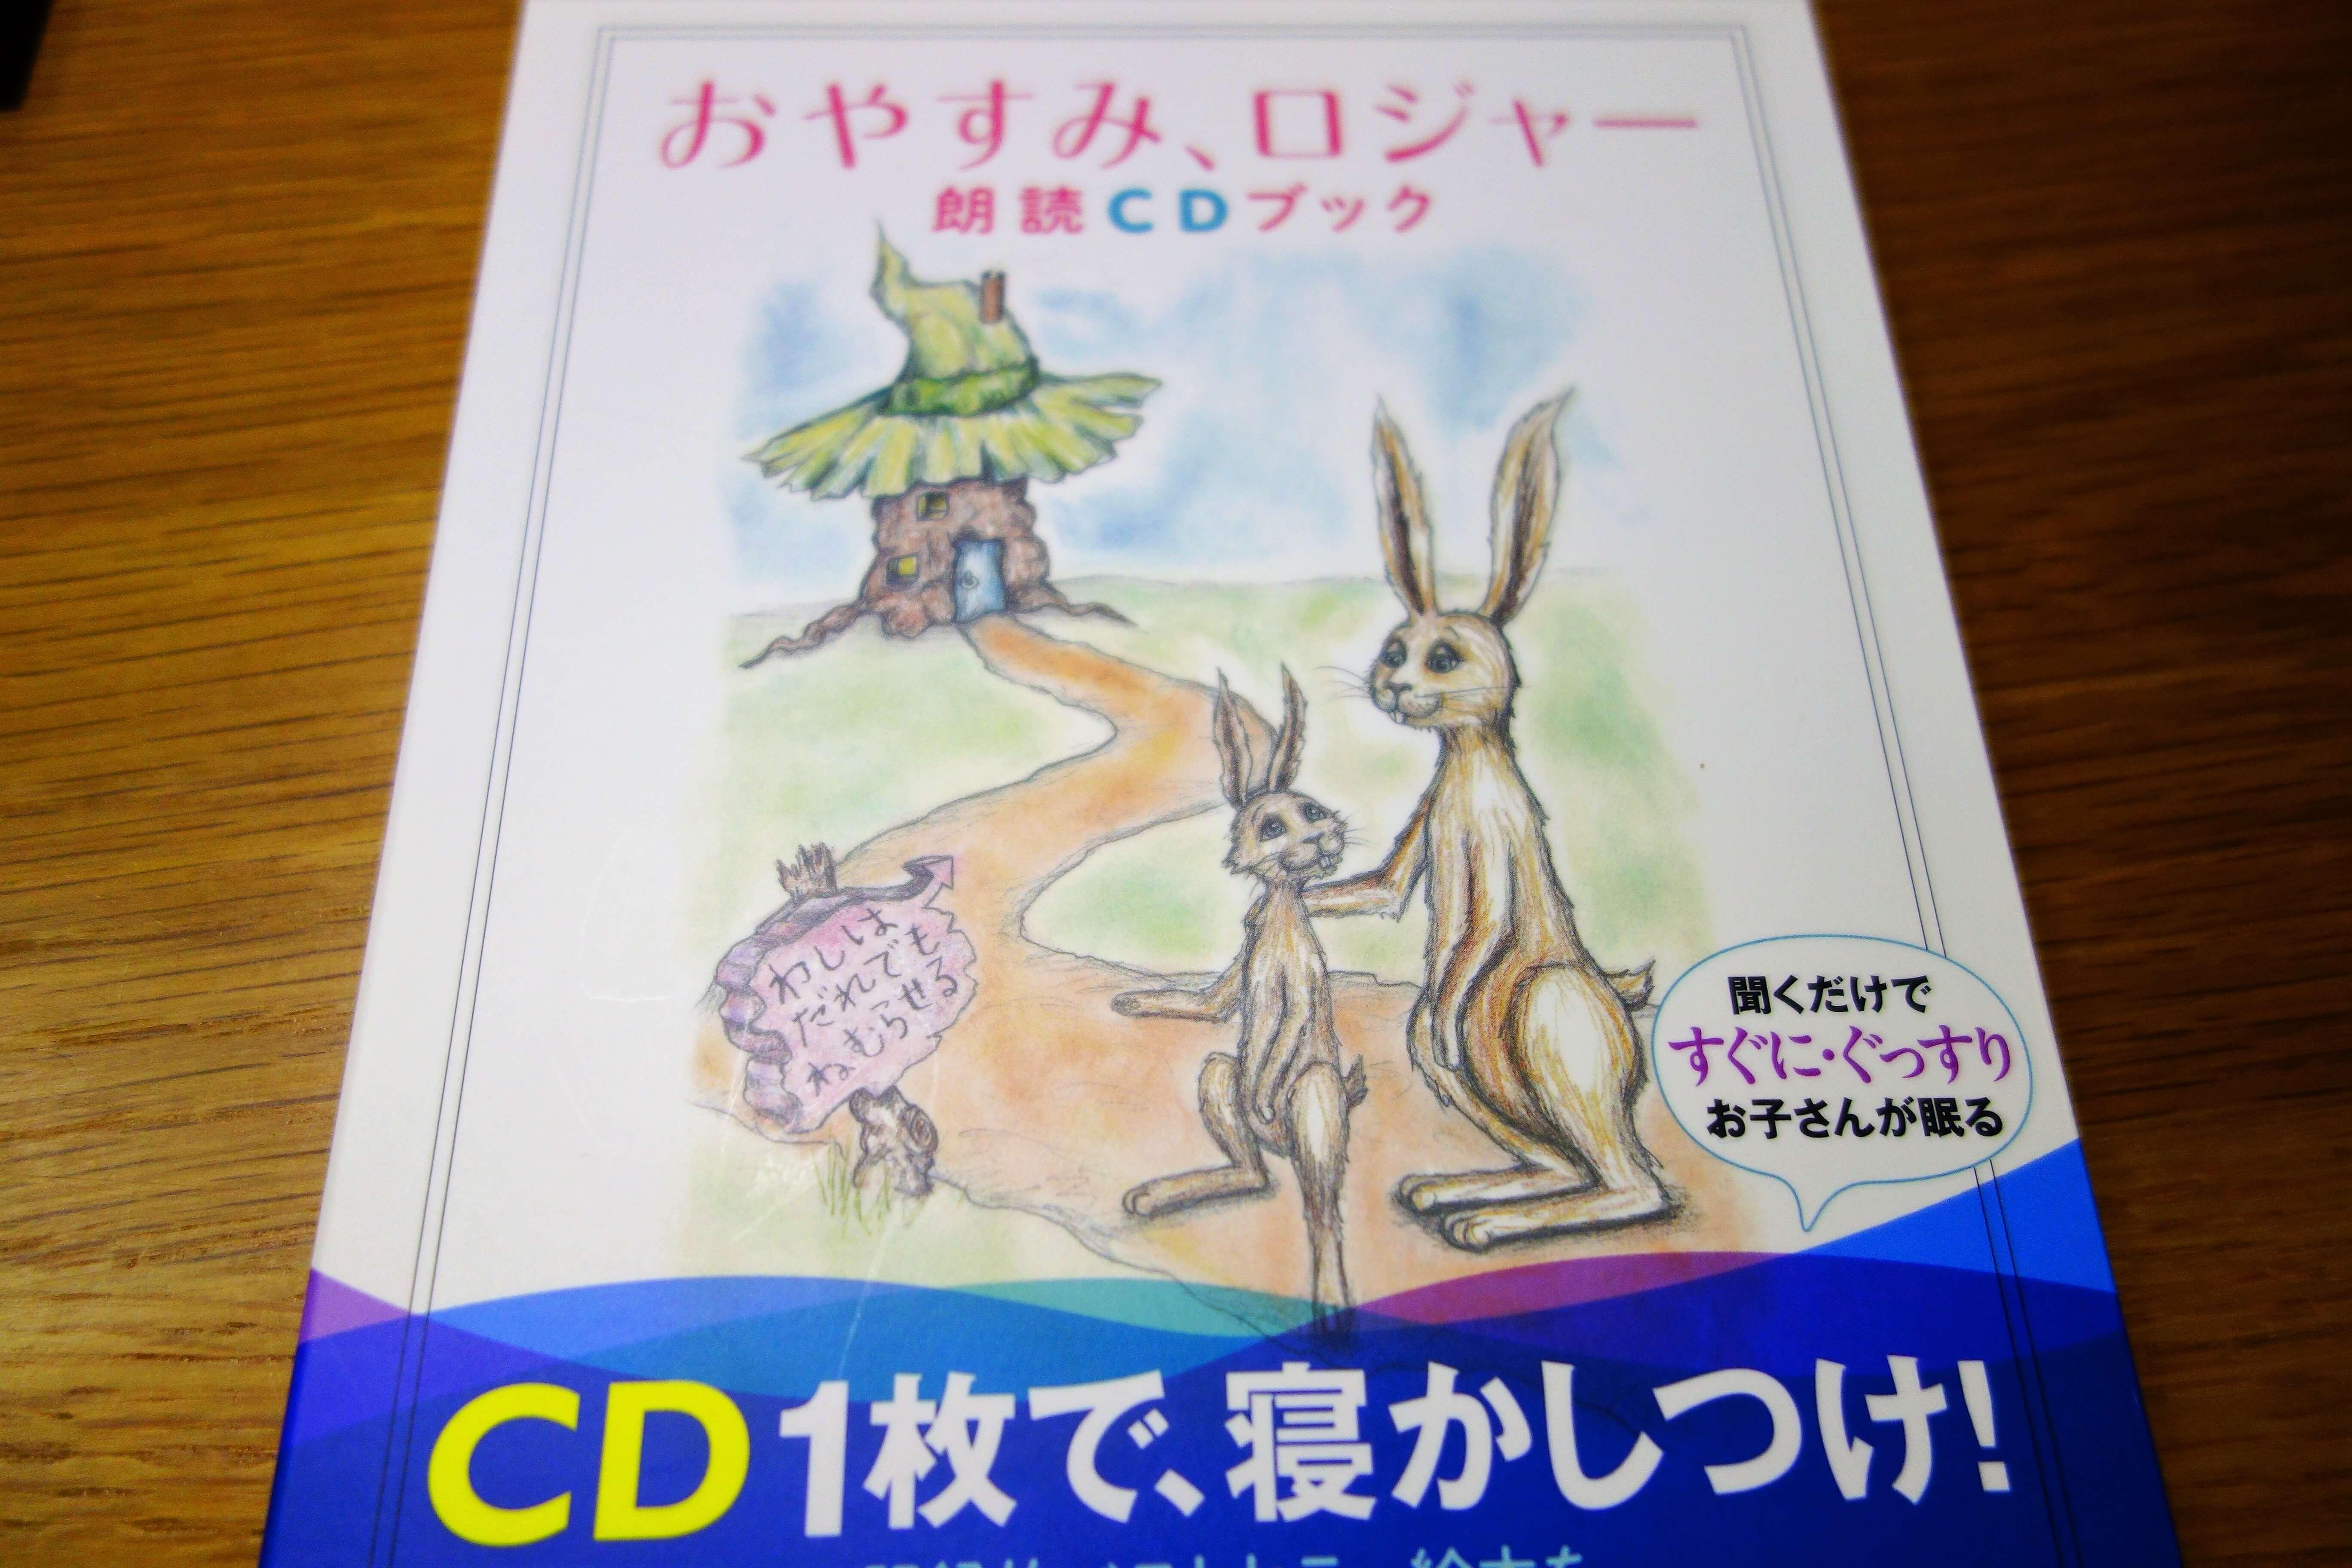 【おやすみ、ロジャー朗読CDブック】我が家の子どもが眠るのか検証してみた